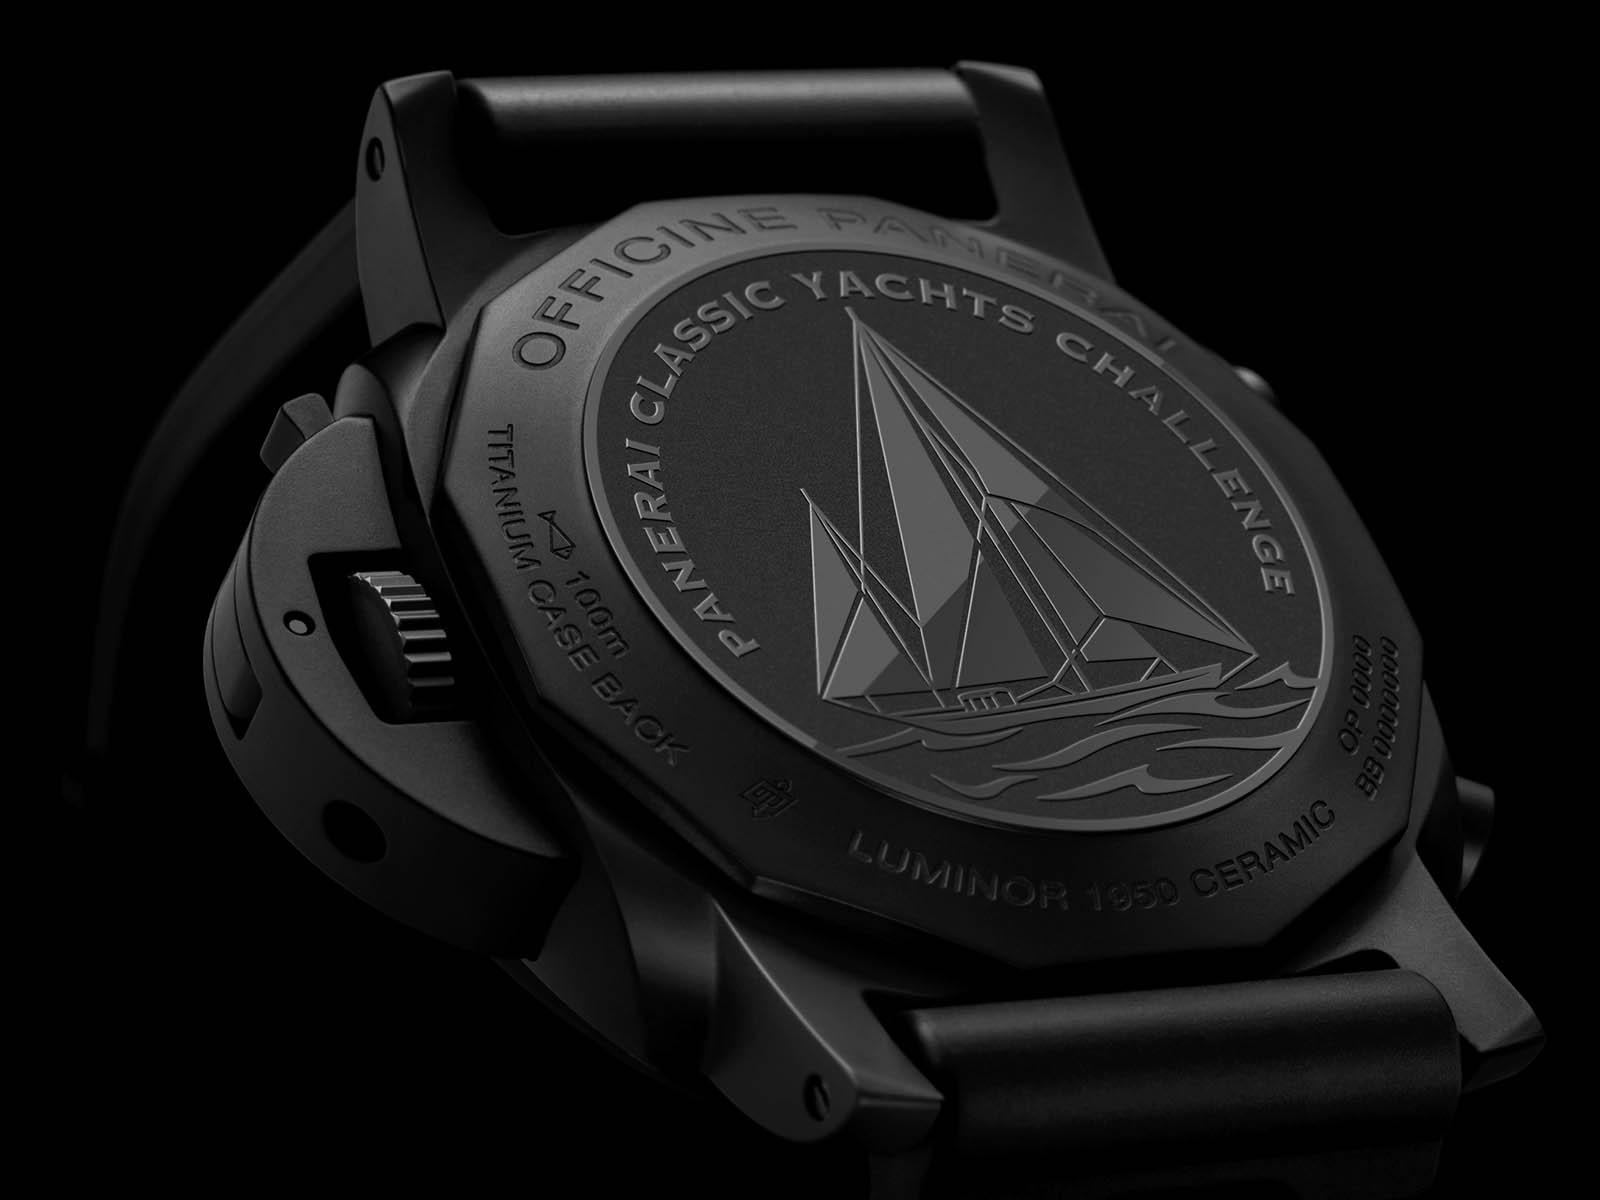 pam00788-officine-panerai-luminor-yachts-challenge-4.jpg